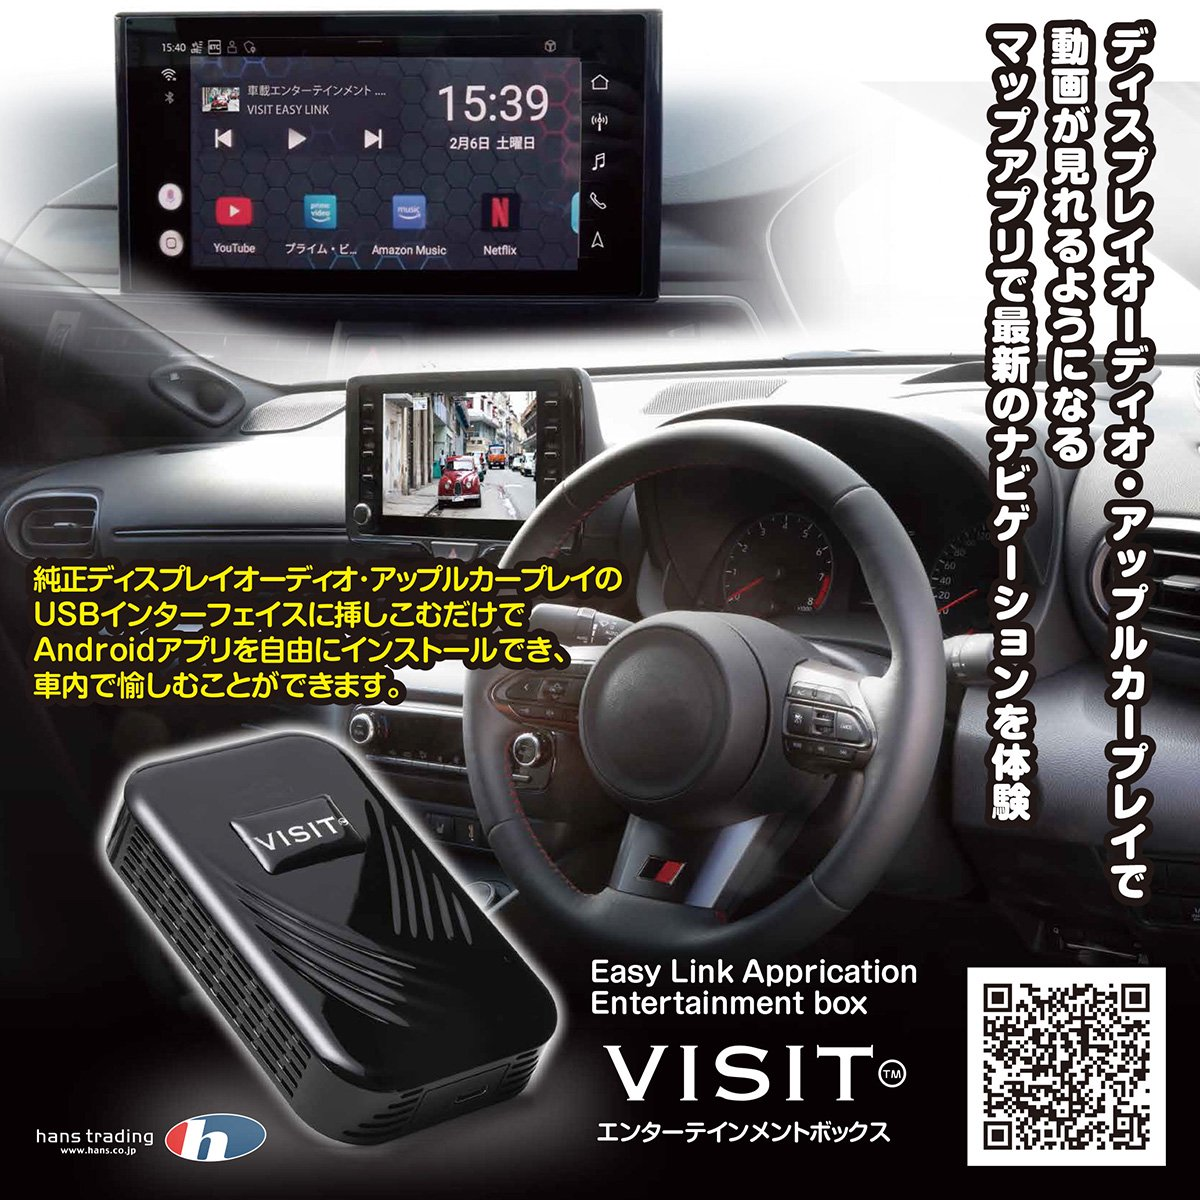 【VISIT】 ヴィジット エンターテイメントボックス ELA-X1 PRO-4GB